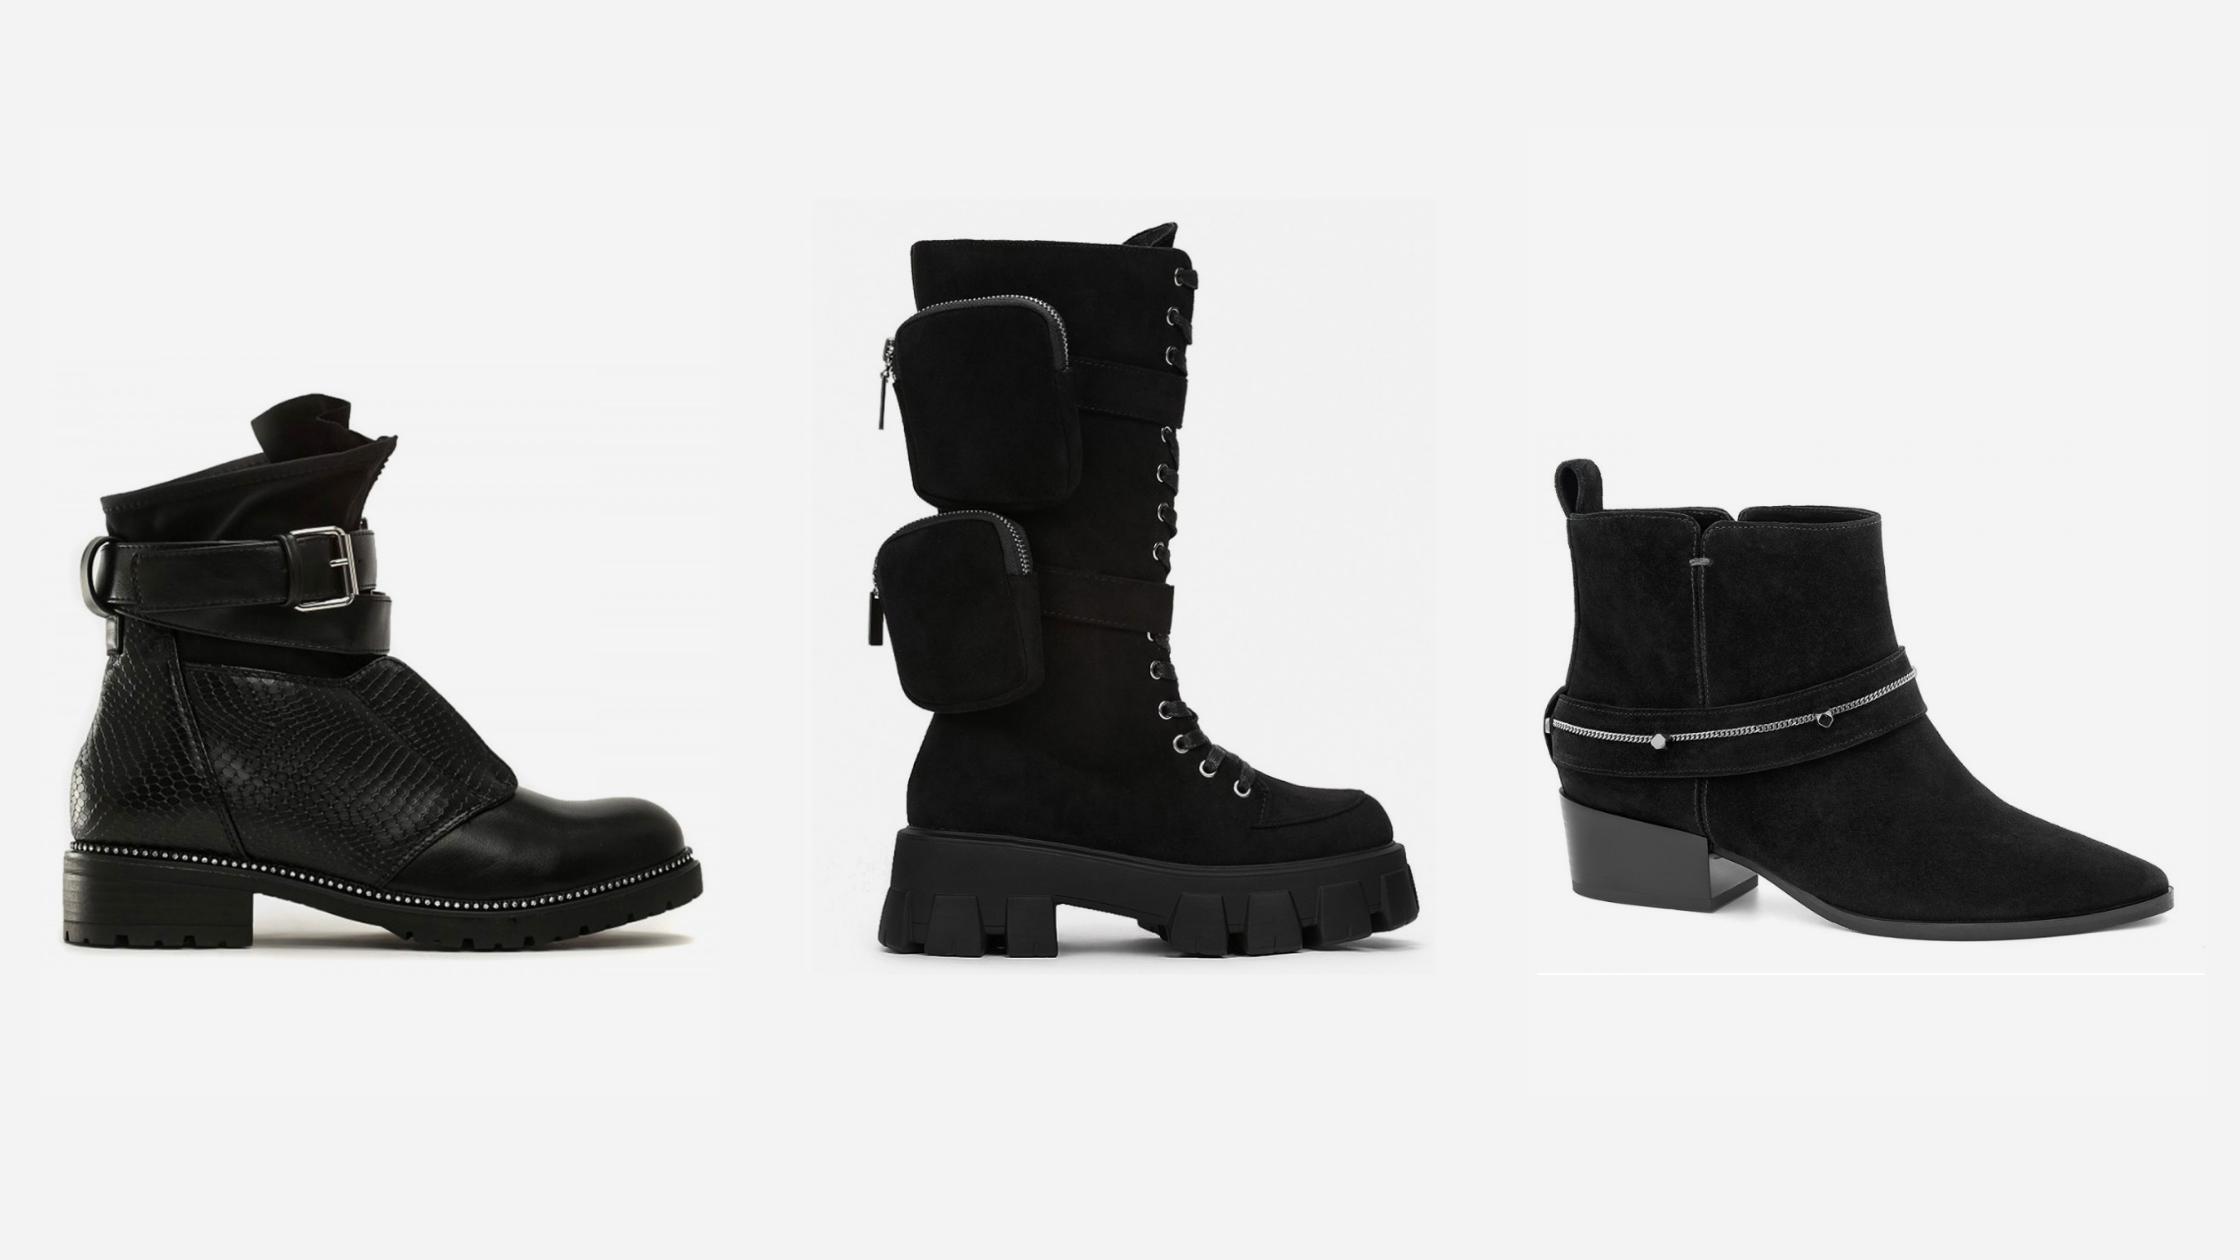 Czarne botki za kostkę - sklep z butami ejka!